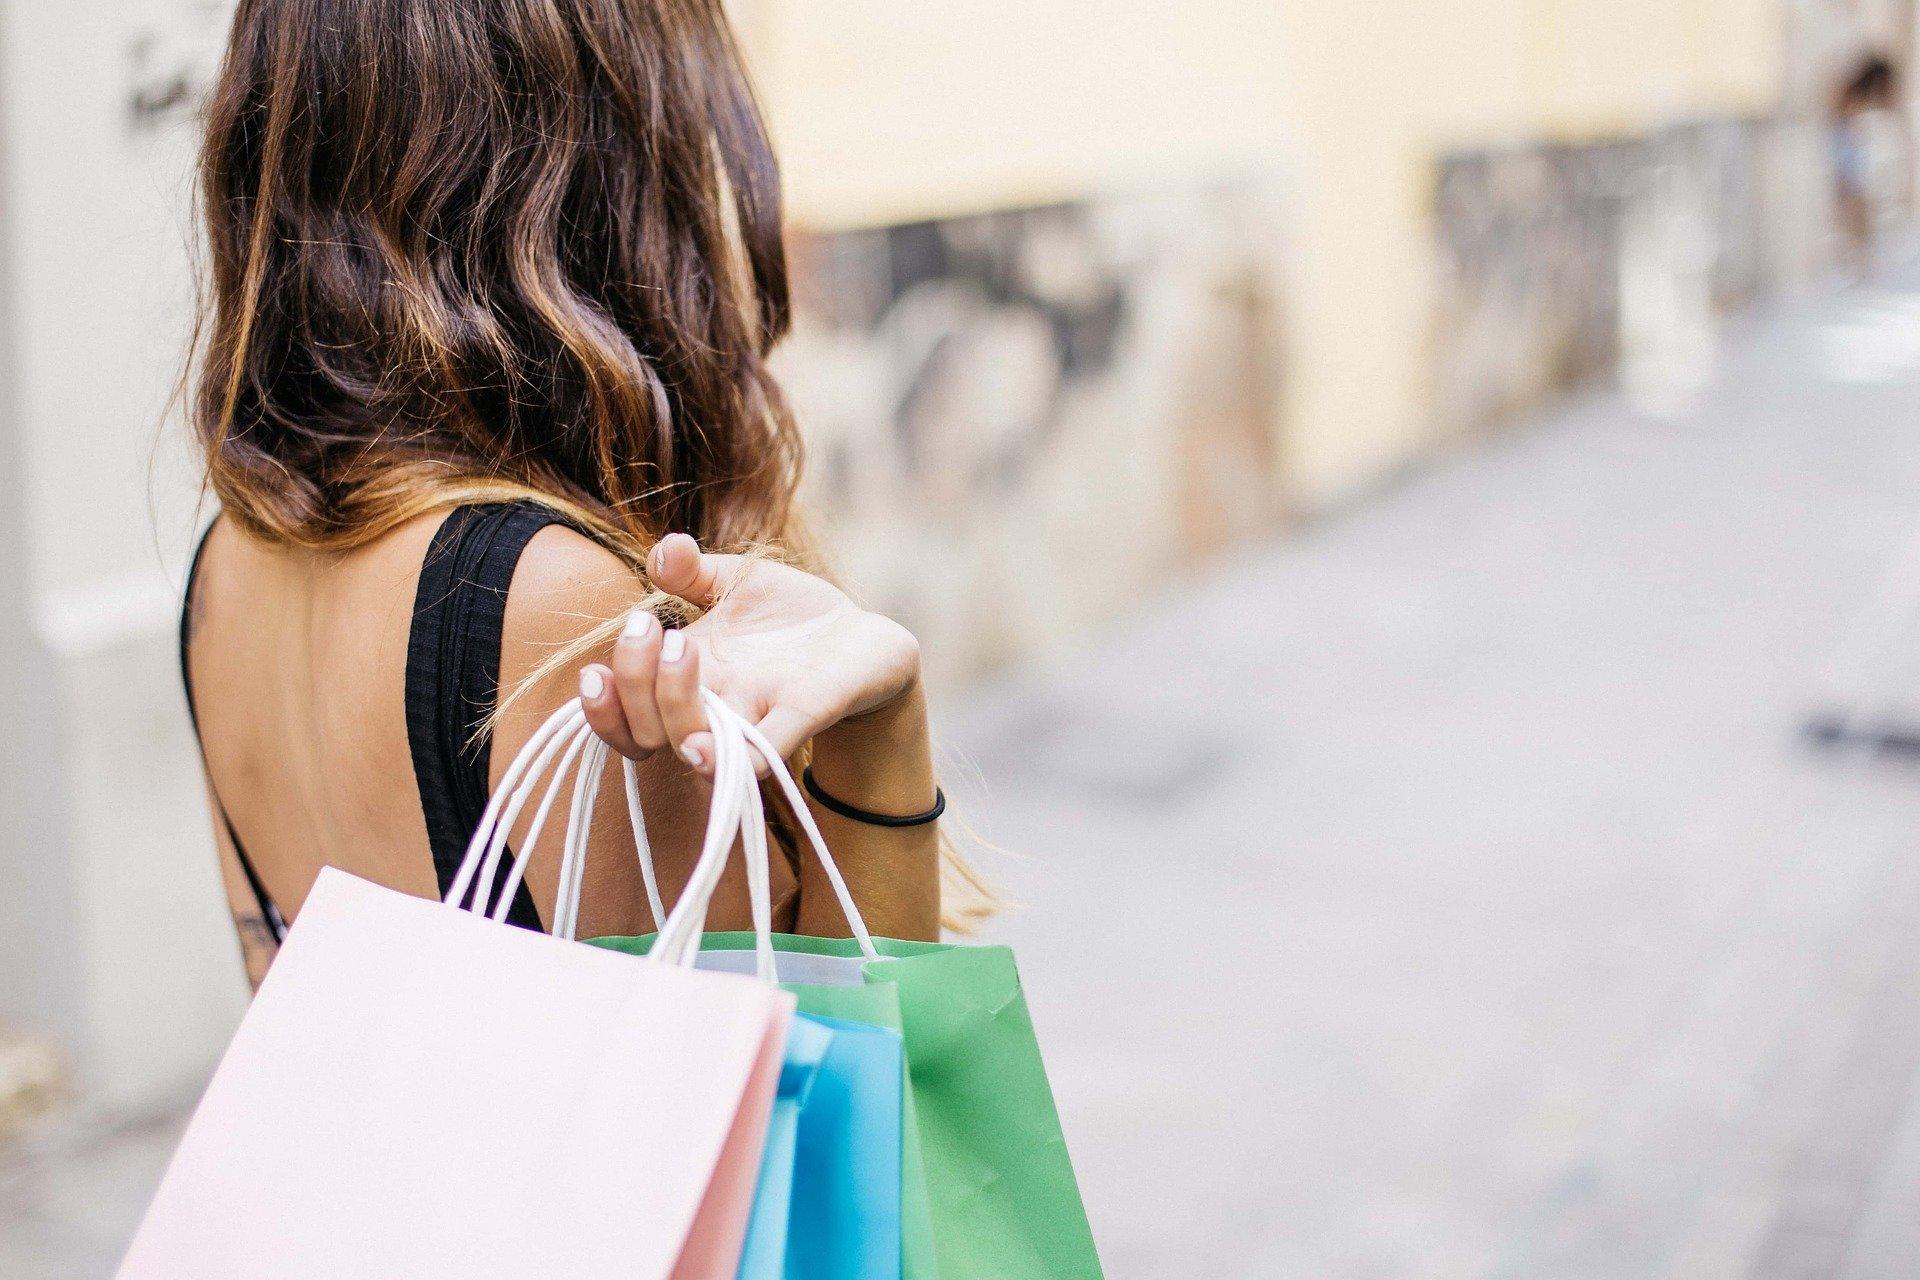 Le sac personnalisé: un objet unique et utile pour faire le shopping